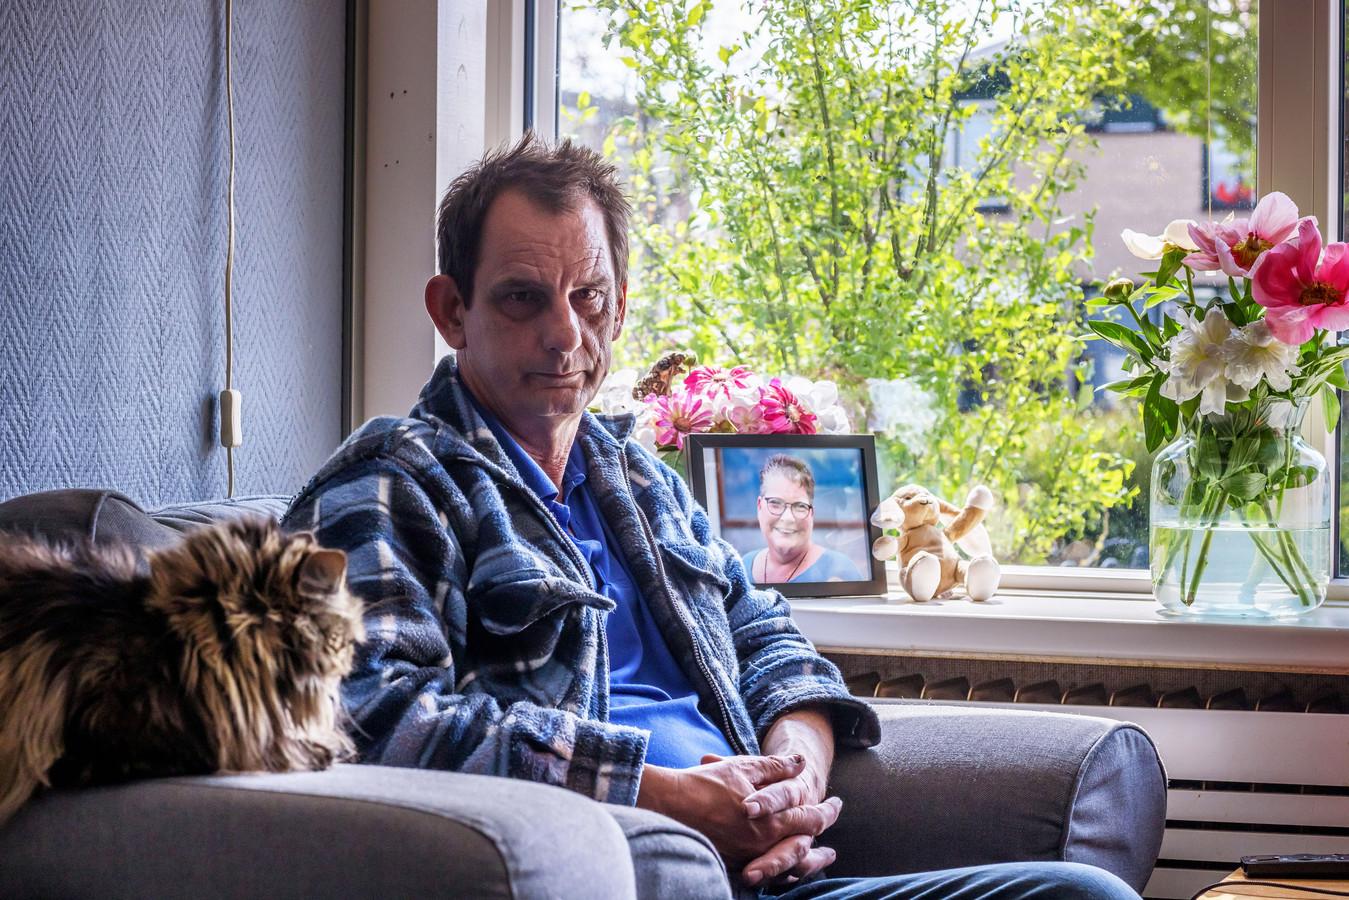 Ad de Boer zijn vrouw Astrid overleed na een noodlottig ongeval met een motoragent, pal voor zijn huis aan de Zeestraat in Zevenbergen.